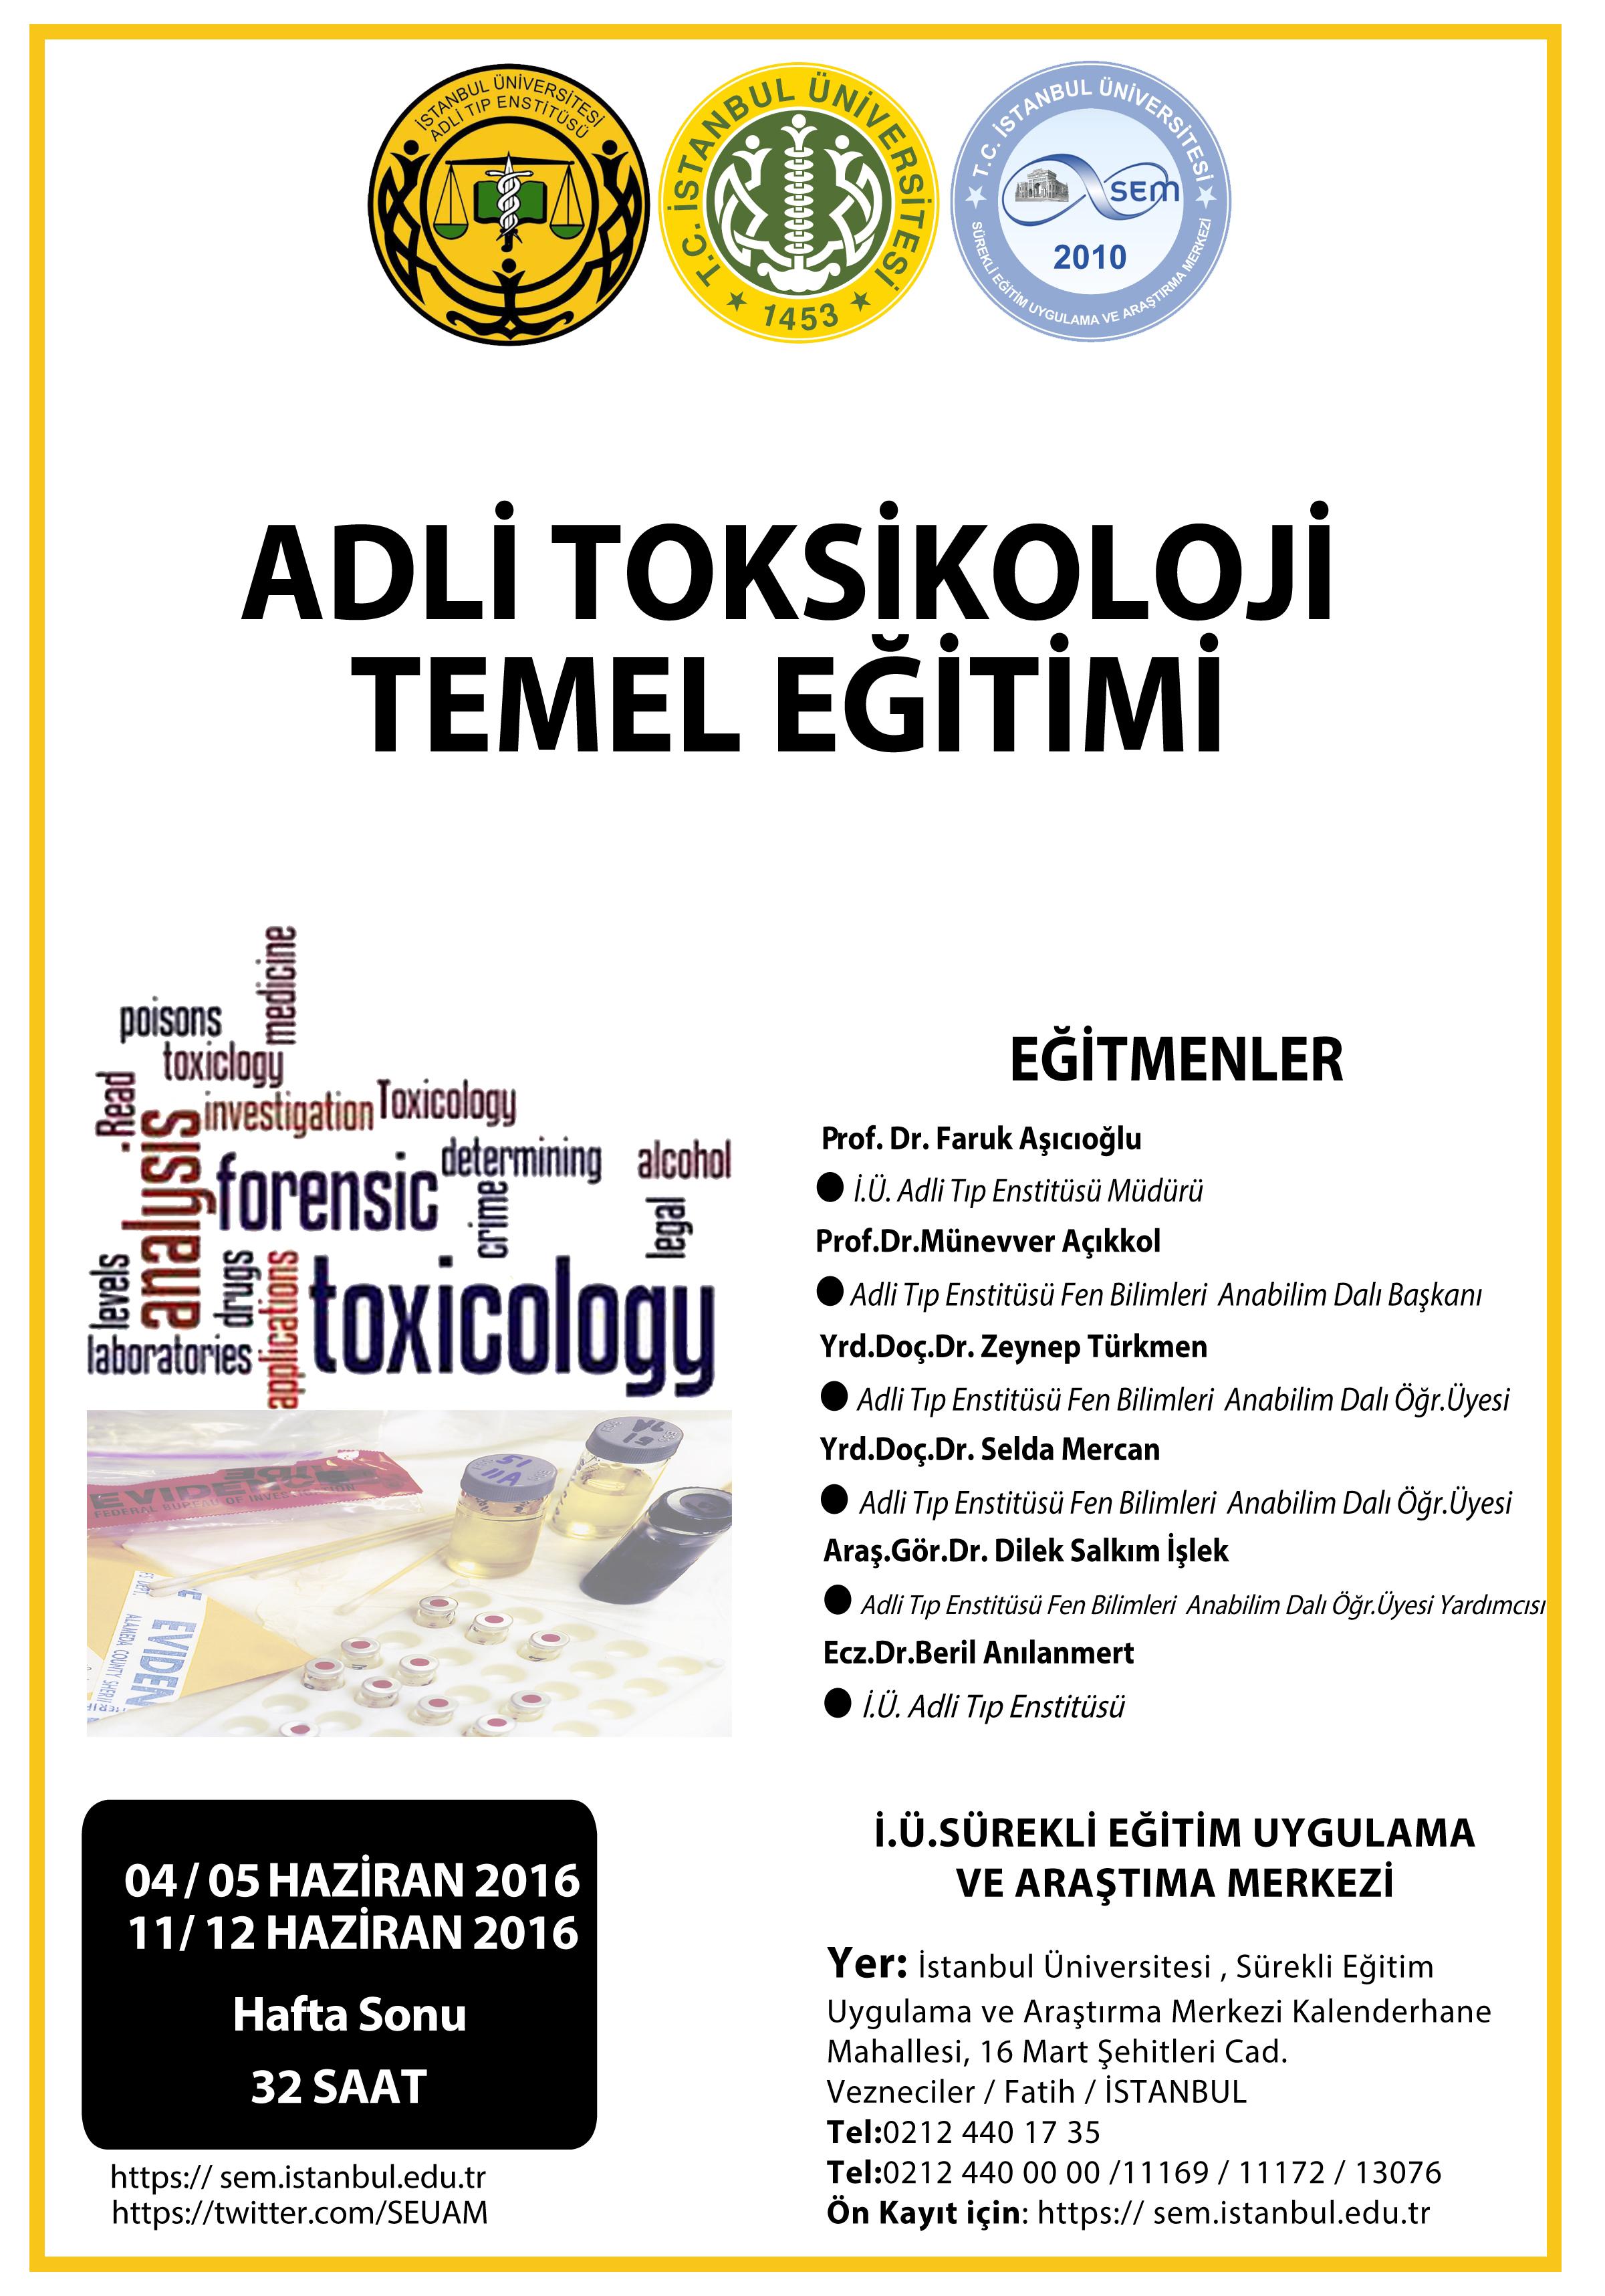 ADLİ Toksikoloji 2